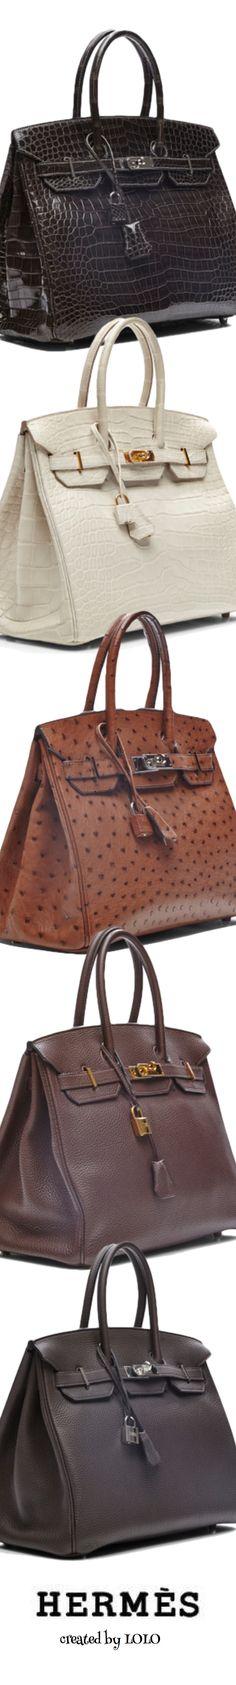 Hermès ~ Vintage 'Birkin' Bags via Moda Operandi